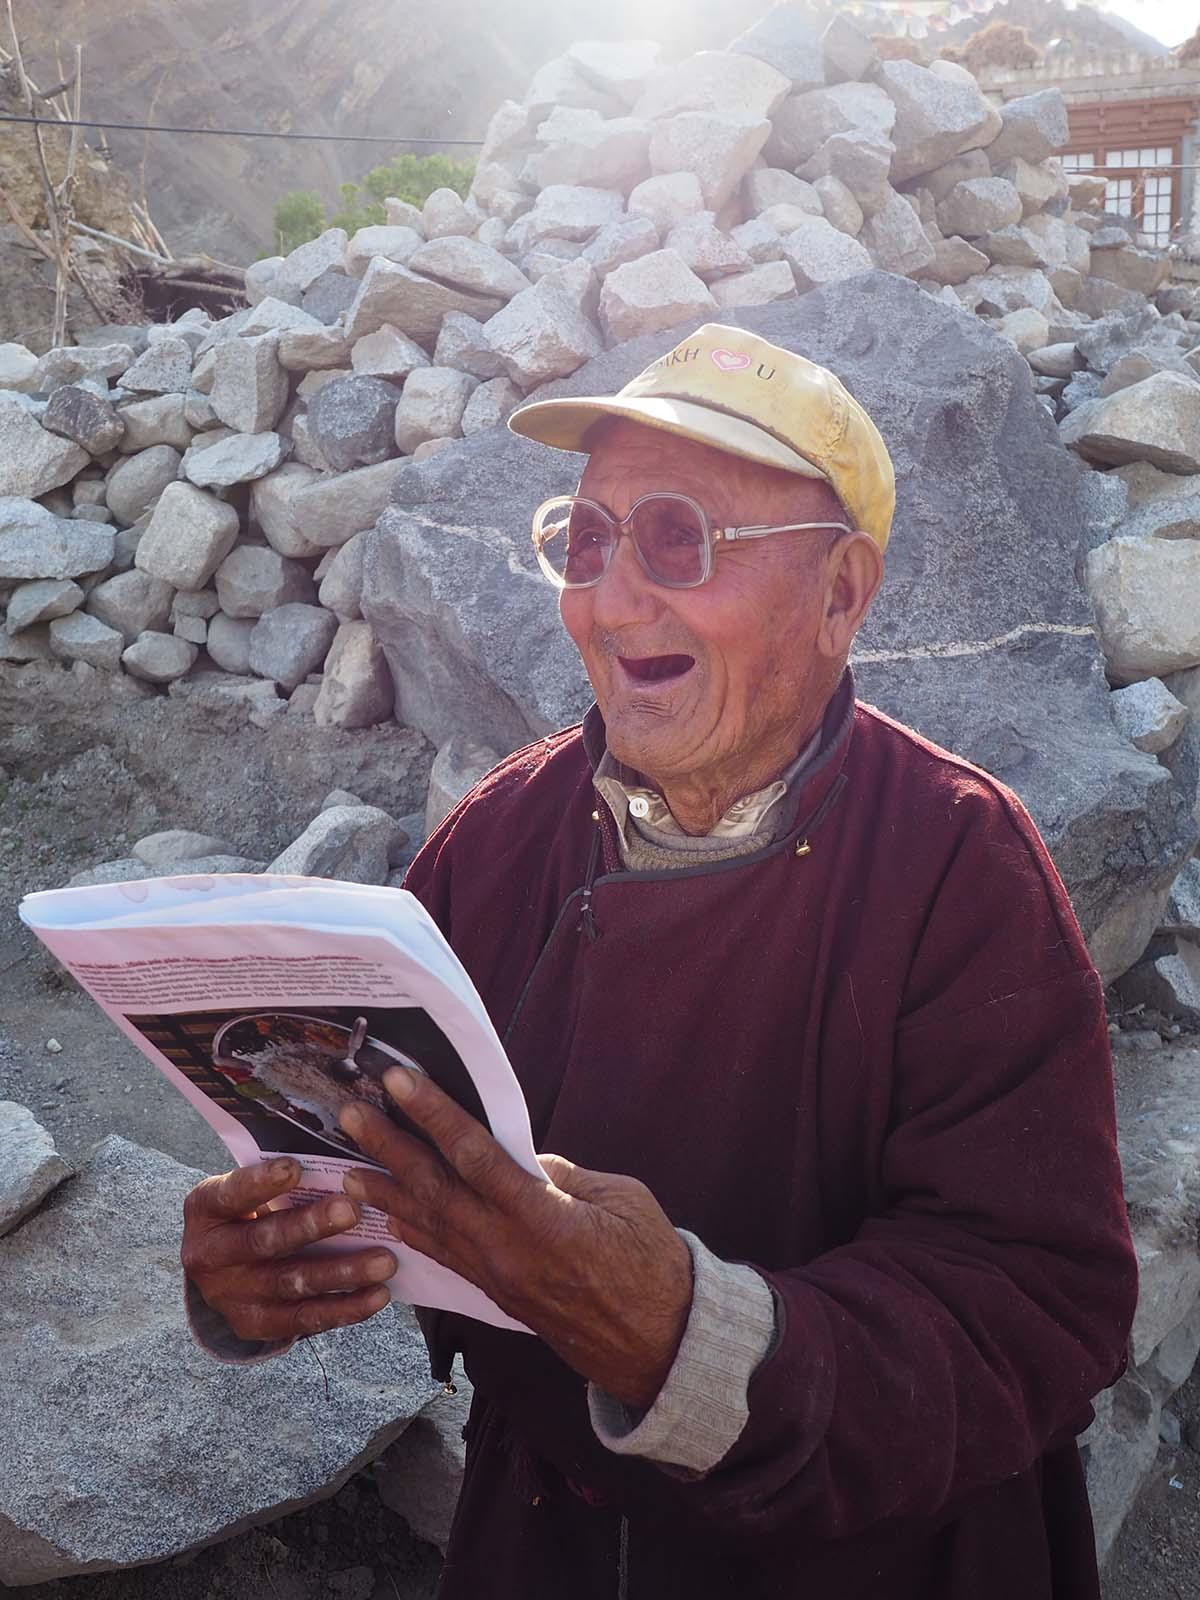 Tia külaelanik rõõmustab paari aasta taguse pildi üle, mis temast reisi kataloogis trükitud. Lisaks on Laama talle just üle andnud kellegi eesti pensionäri vanad prillid, mille üle Tia küla vanal mehel nähtavasti samuti väga hea meel on.